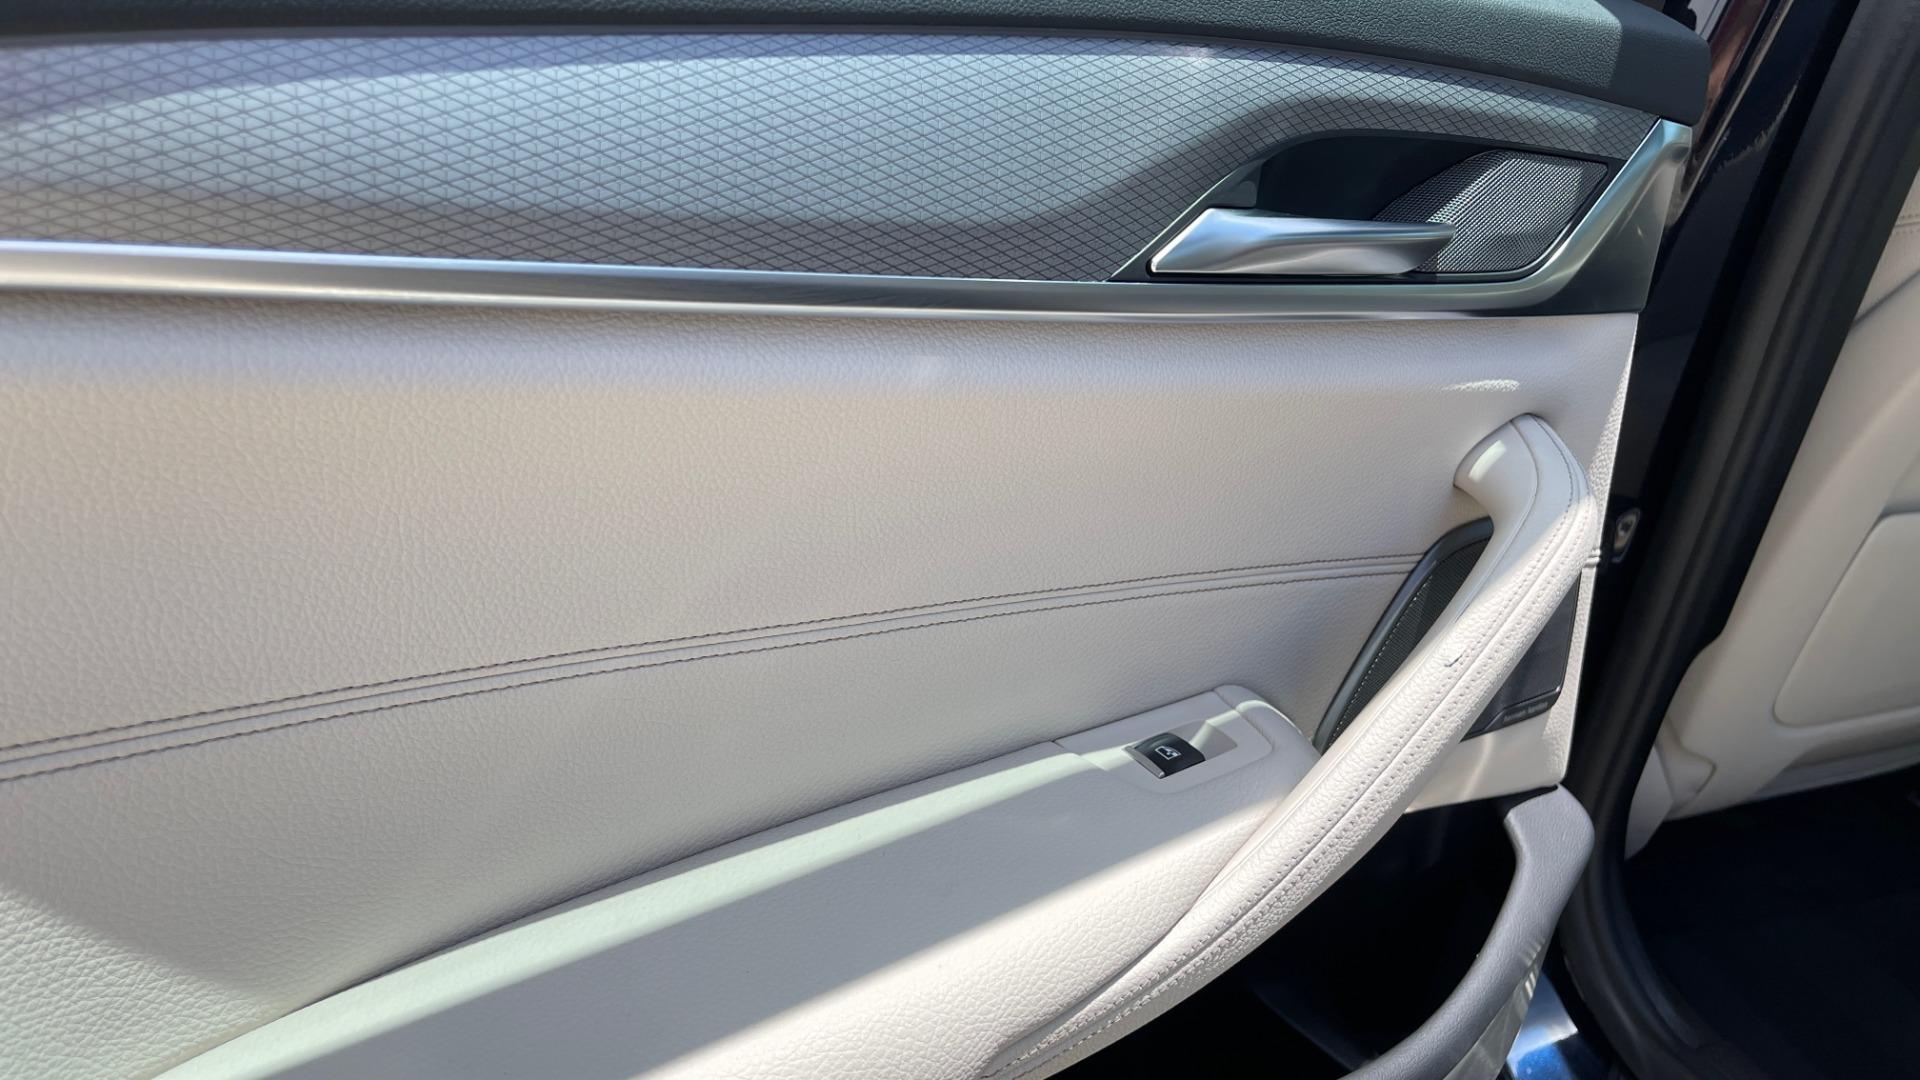 Used 2018 BMW 5 SERIES 540I M-SPORT / EXECUTIVE PKG / DRVR ASST PKG / BLIND SPOT / LANE DEPART for sale $40,995 at Formula Imports in Charlotte NC 28227 58